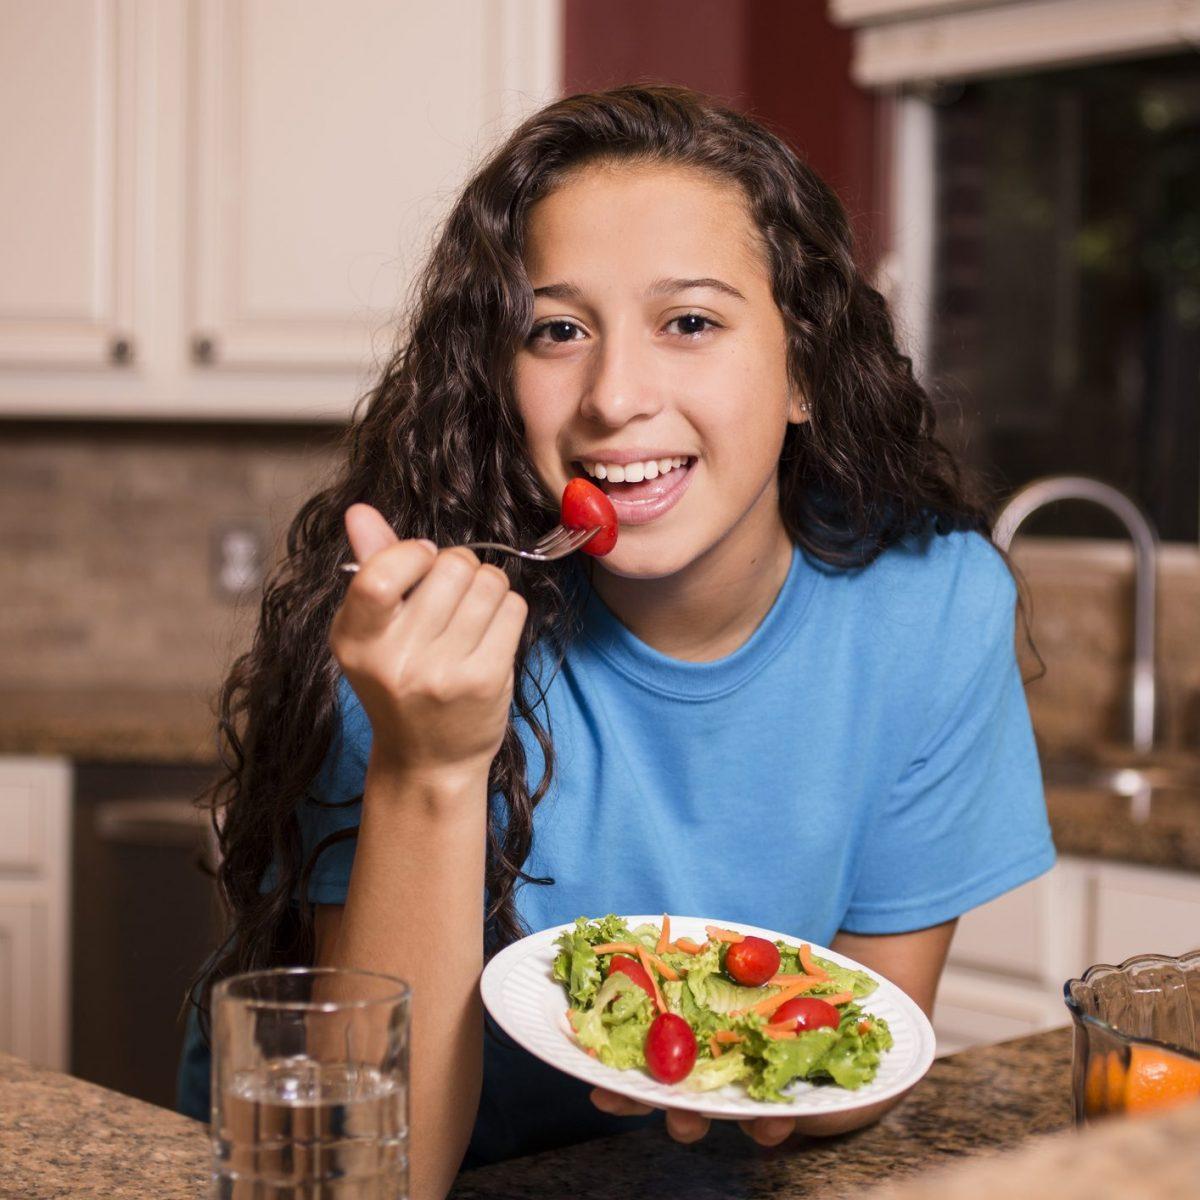 un menu per una dieta equilibrata